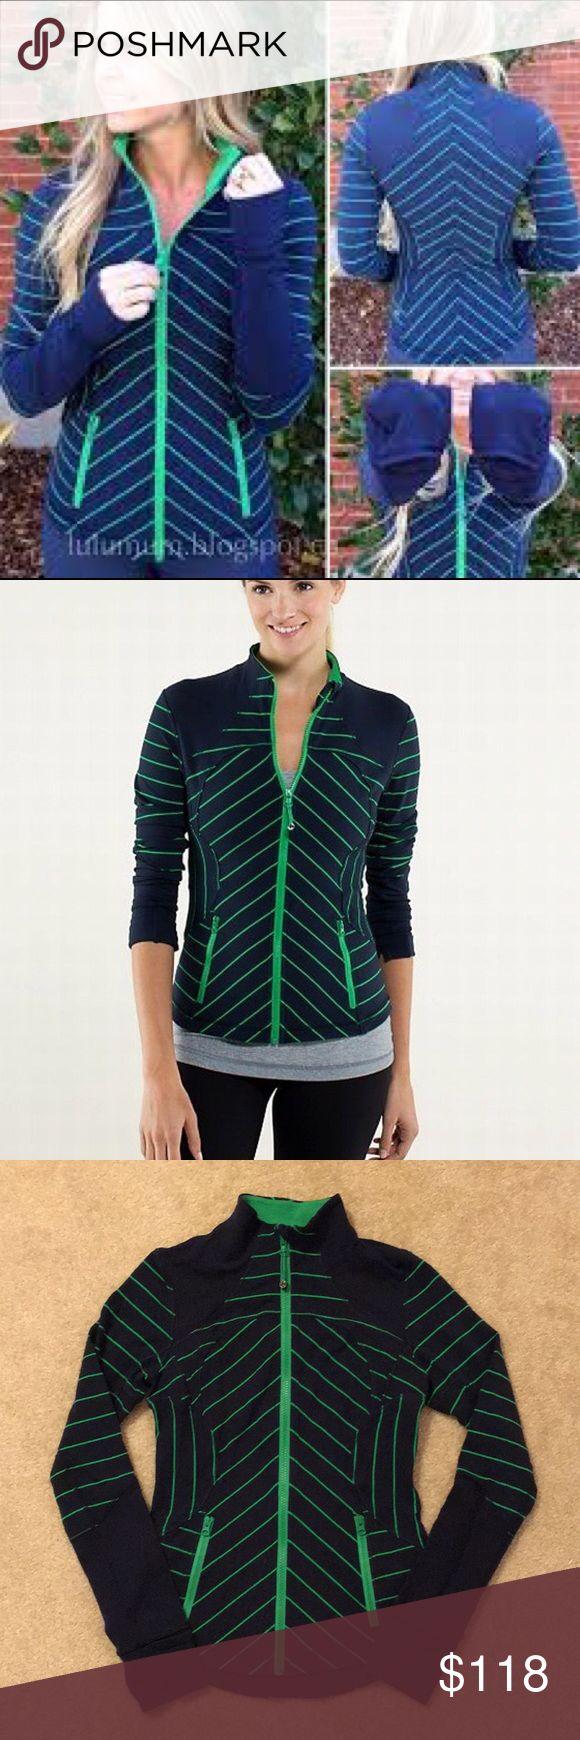 Lululemon Forme Jacket Seahawks Colors Lululemon Forme Jacket  Excellent condition  Go Hawks 💙💚 lululemon athletica Jackets & Coats